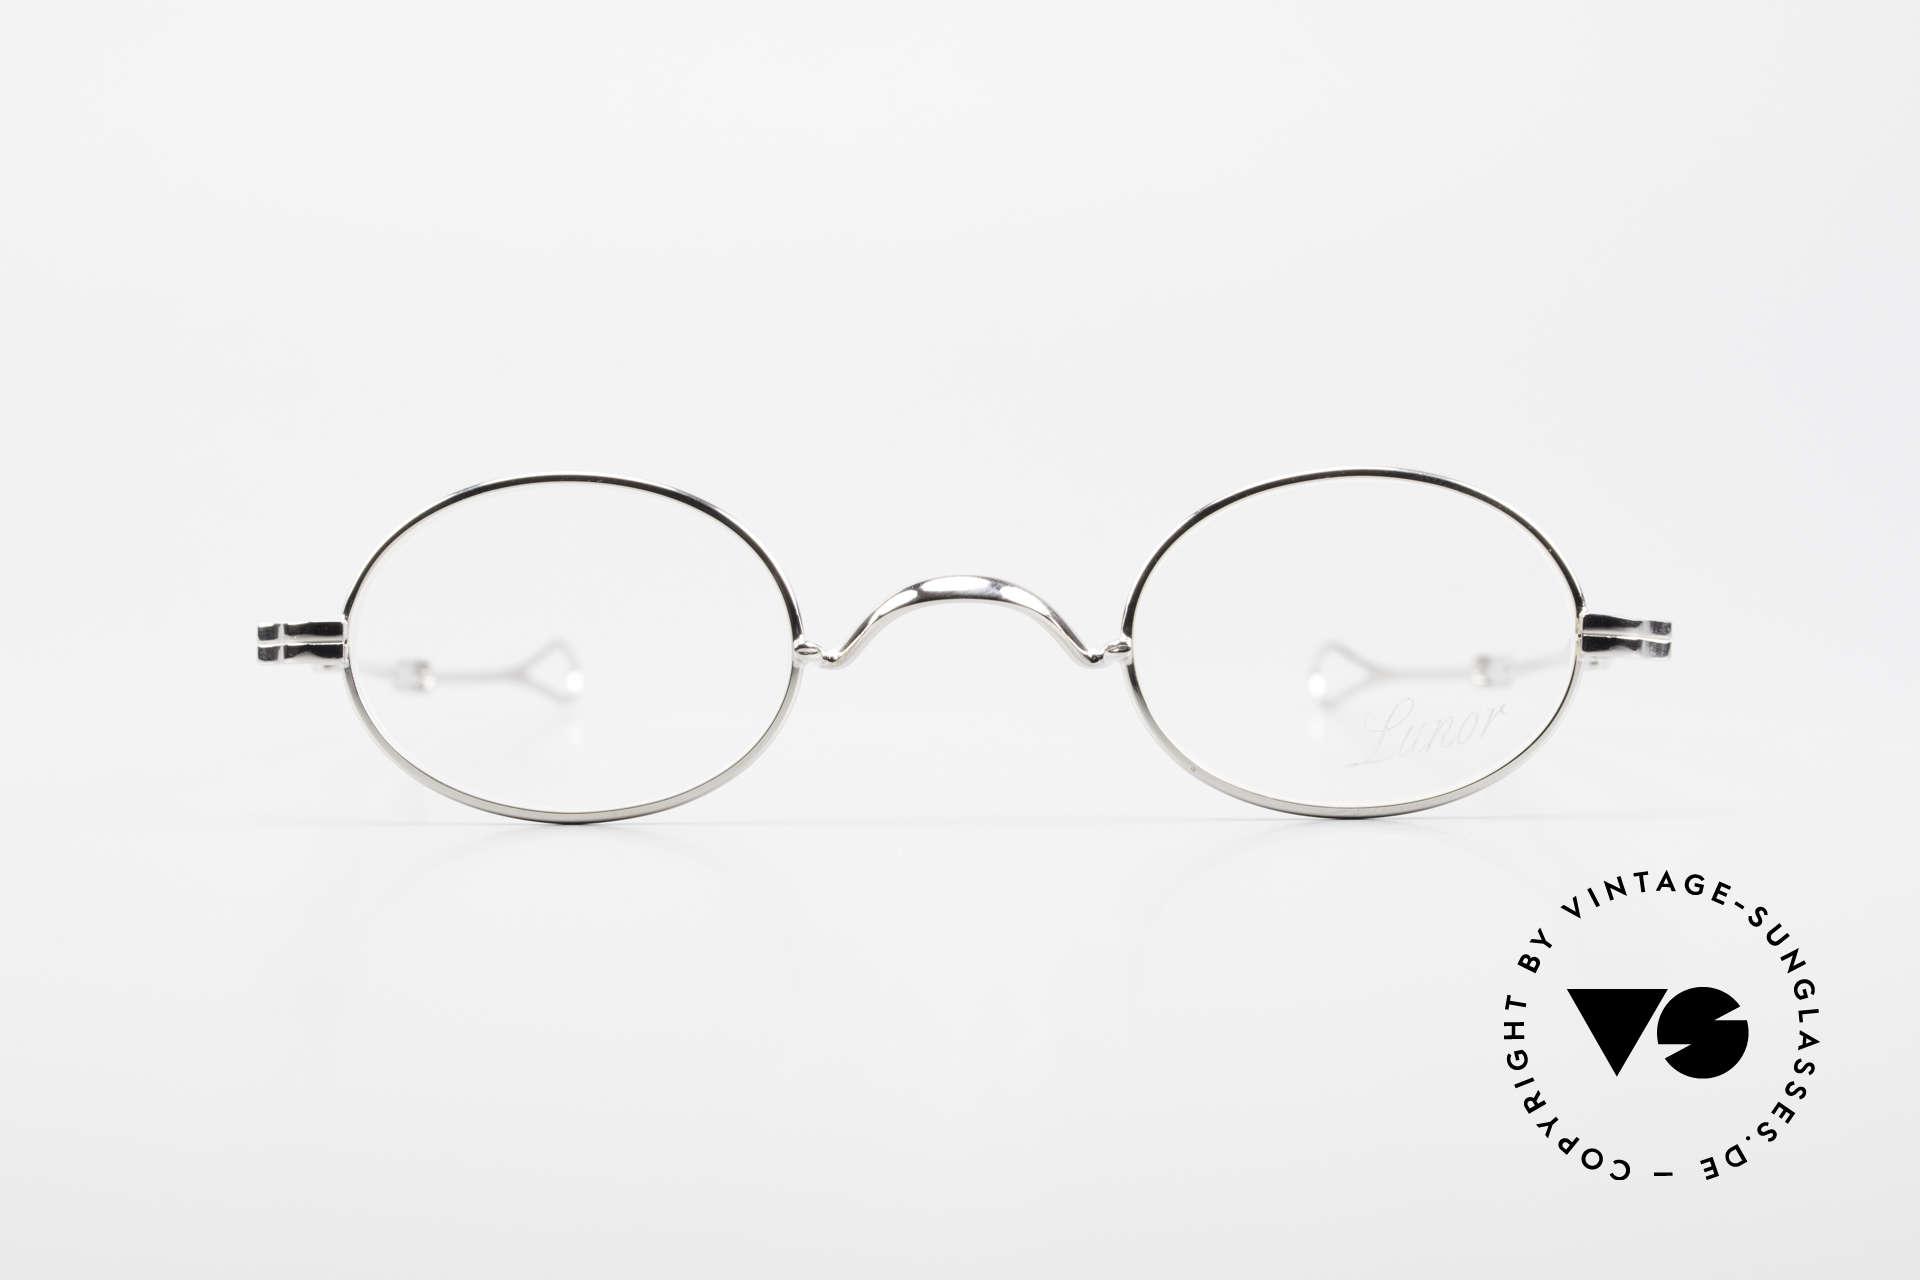 Lunor I 04 Telescopic Ovale Schiebebügel Brille XS, deutsches Traditionsunternehmen; made in Germany, Passend für Herren und Damen